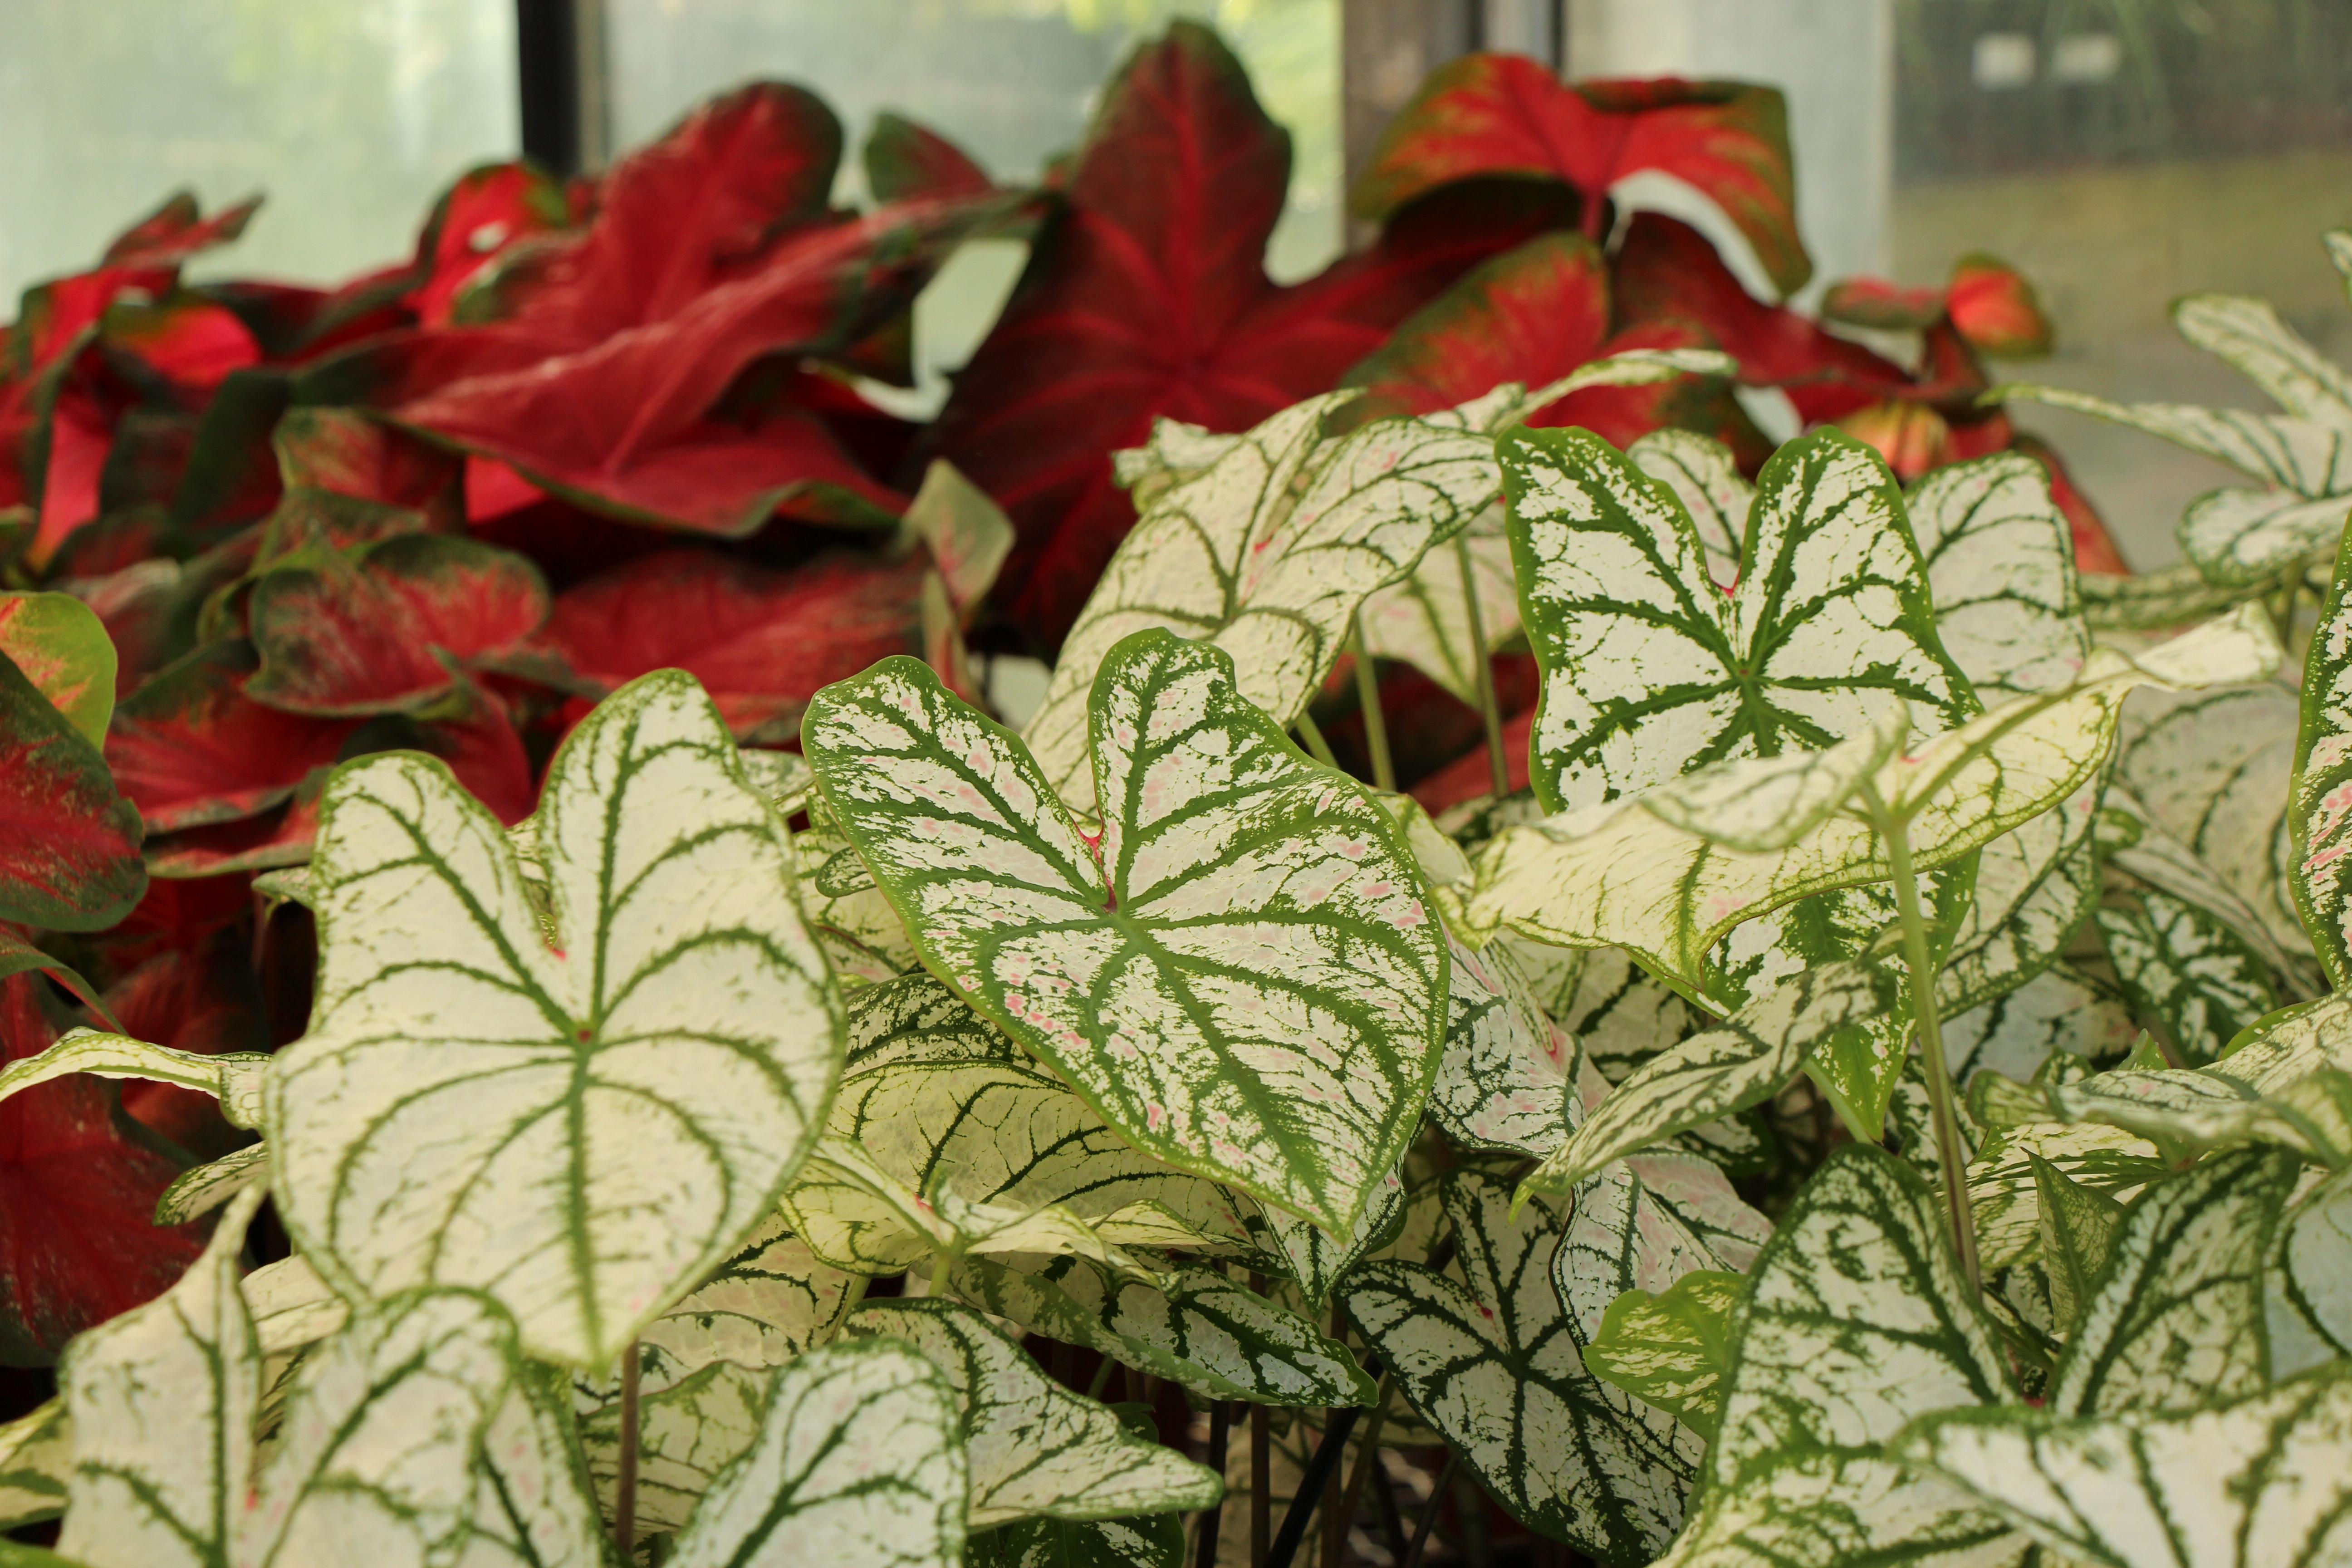 Caladium Croton Vinca Succulents